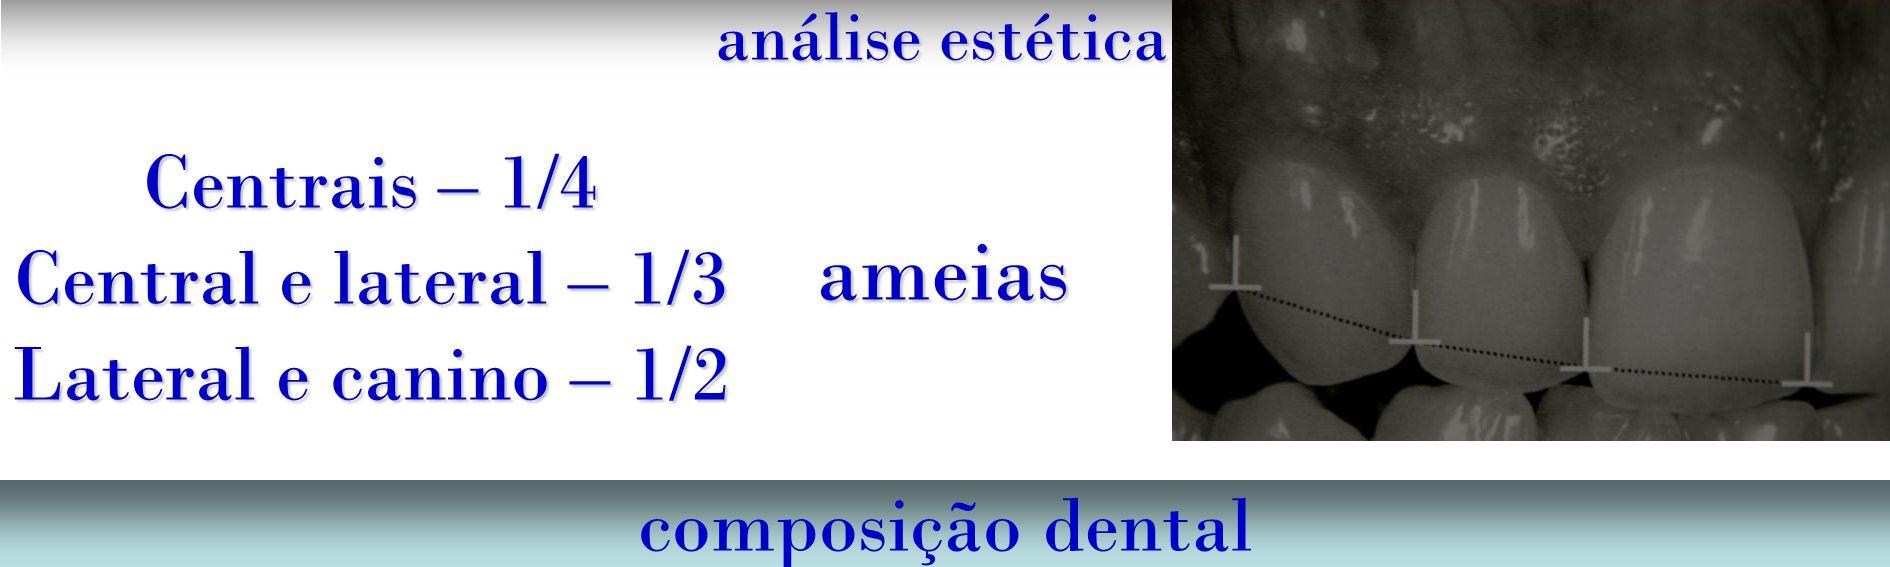 análise estética composição dental ameias Centrais – 1/4 Central e lateral – 1/3 Lateral e canino – 1/2